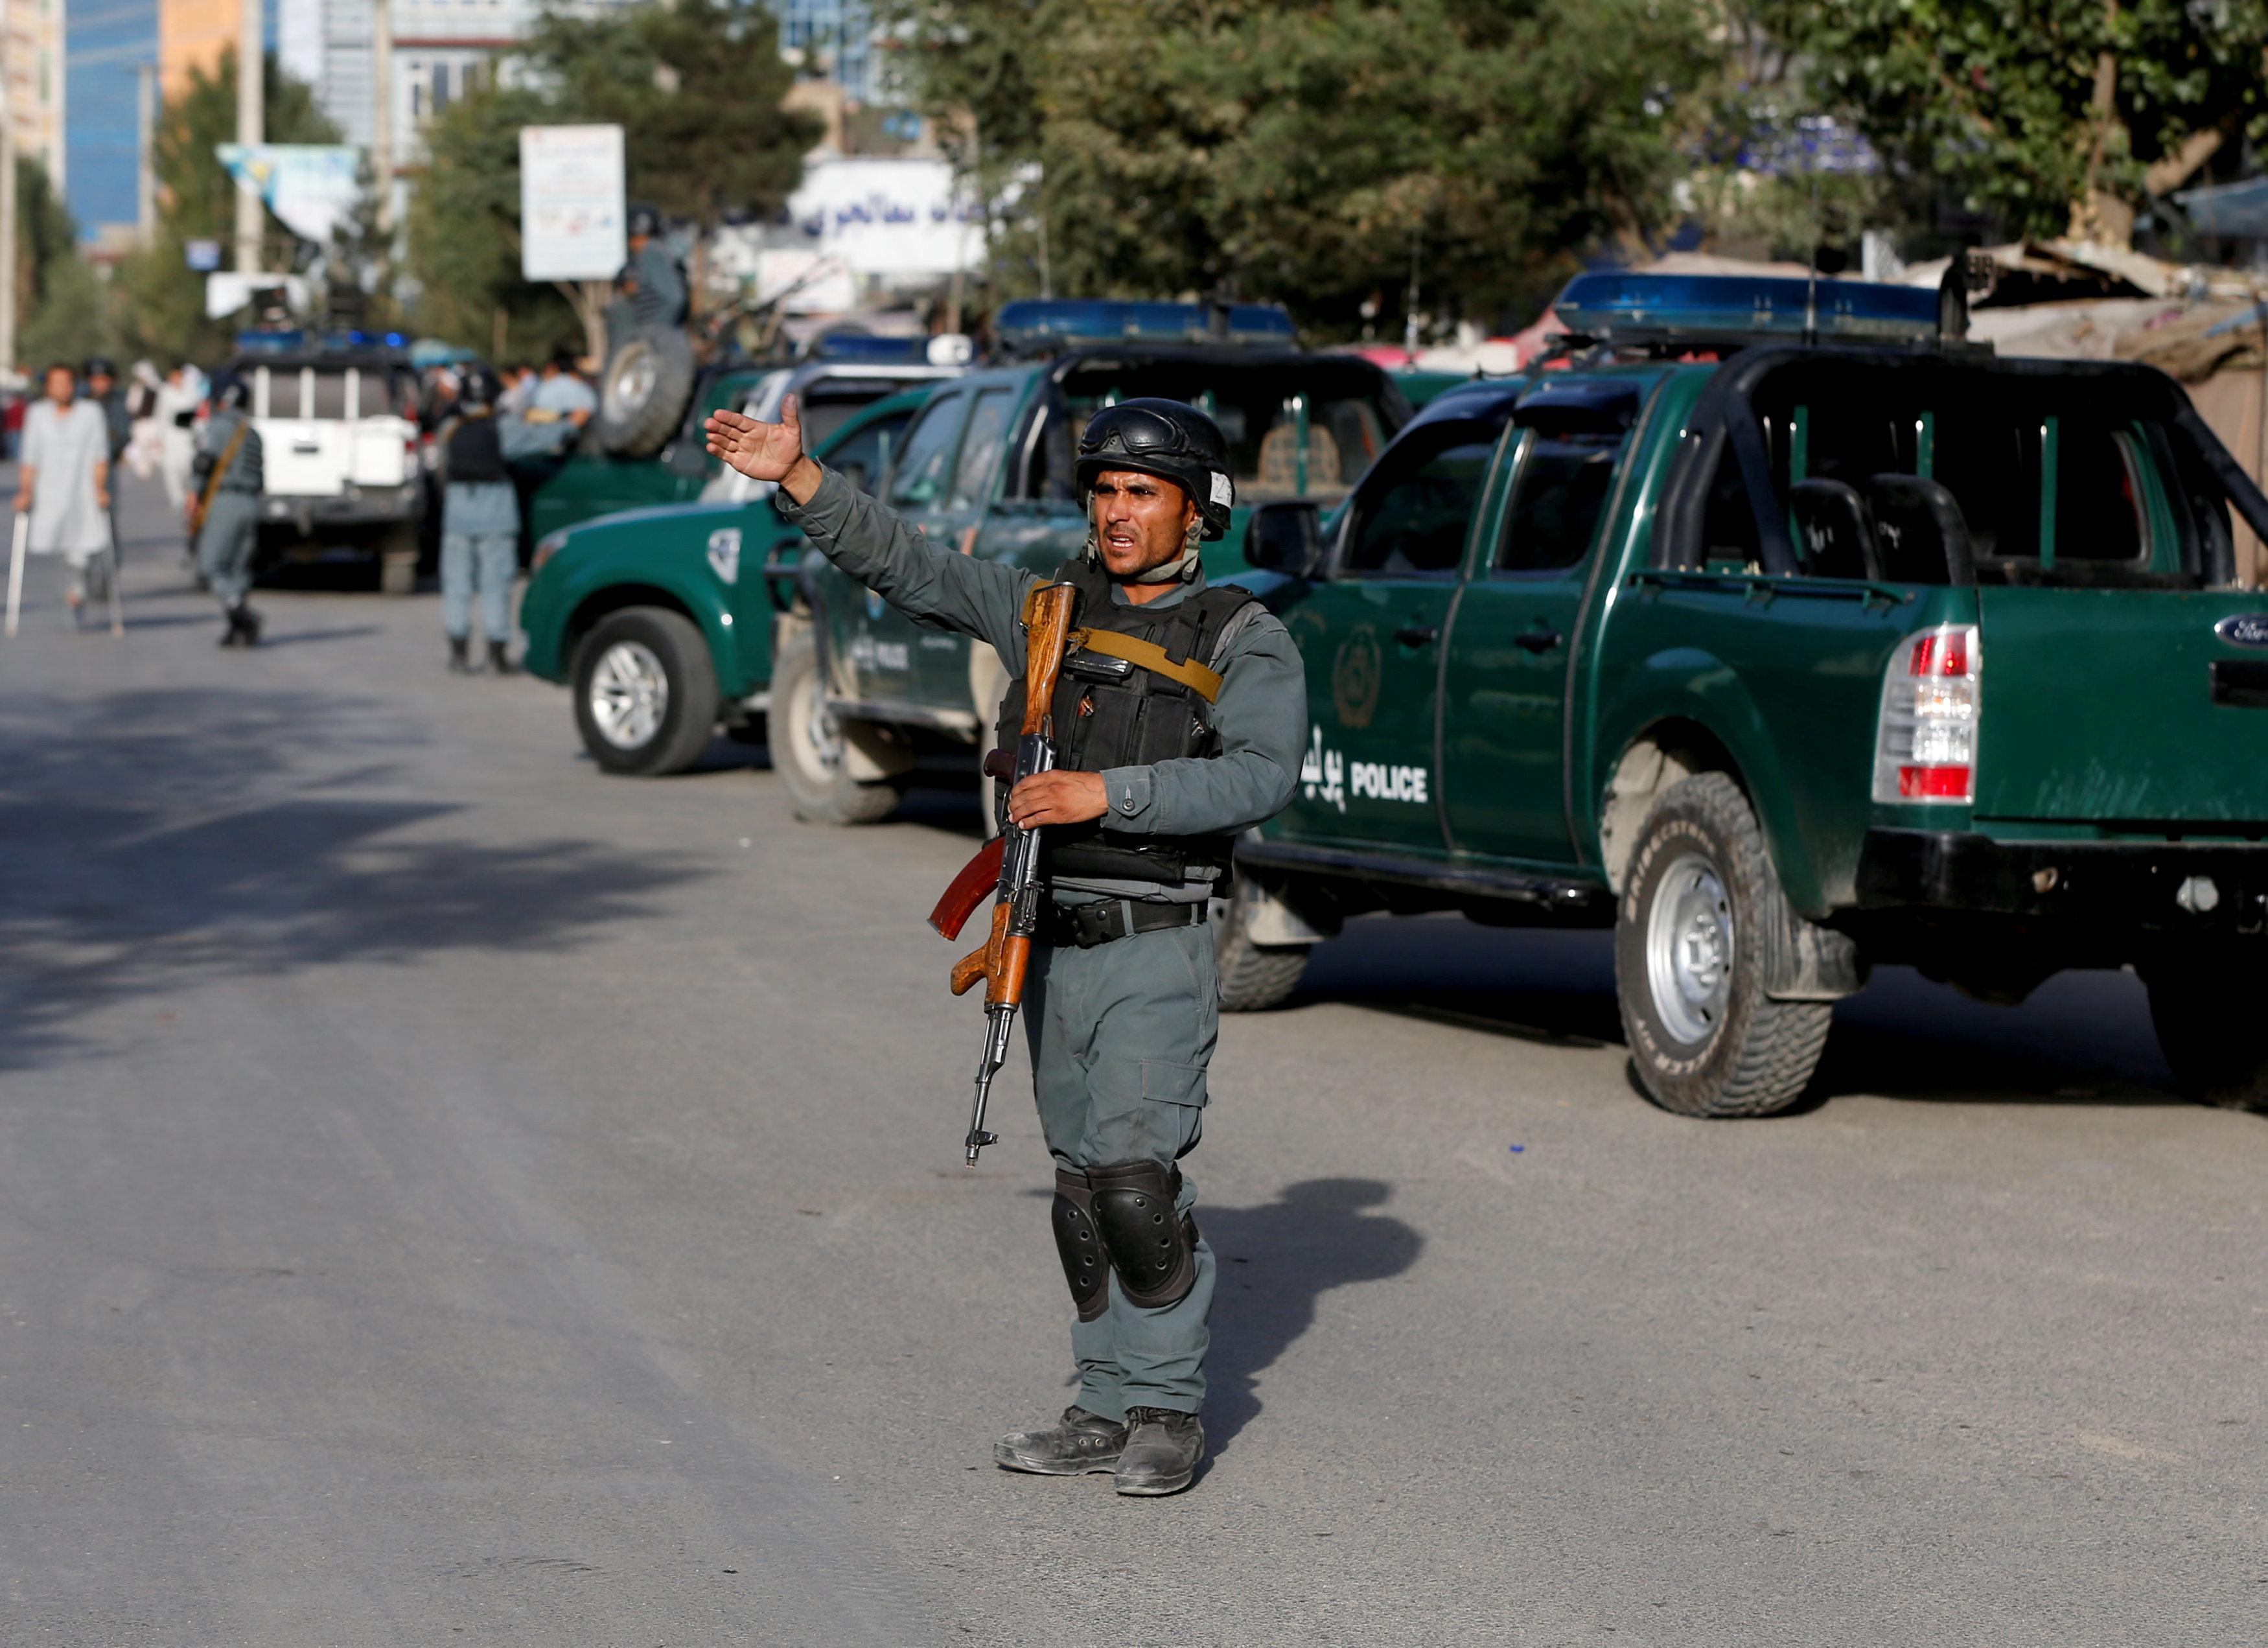 مصرع 2 في هجوم بالقرب من أكبر قاعدة عسكرية أمريكية في أفغانستان